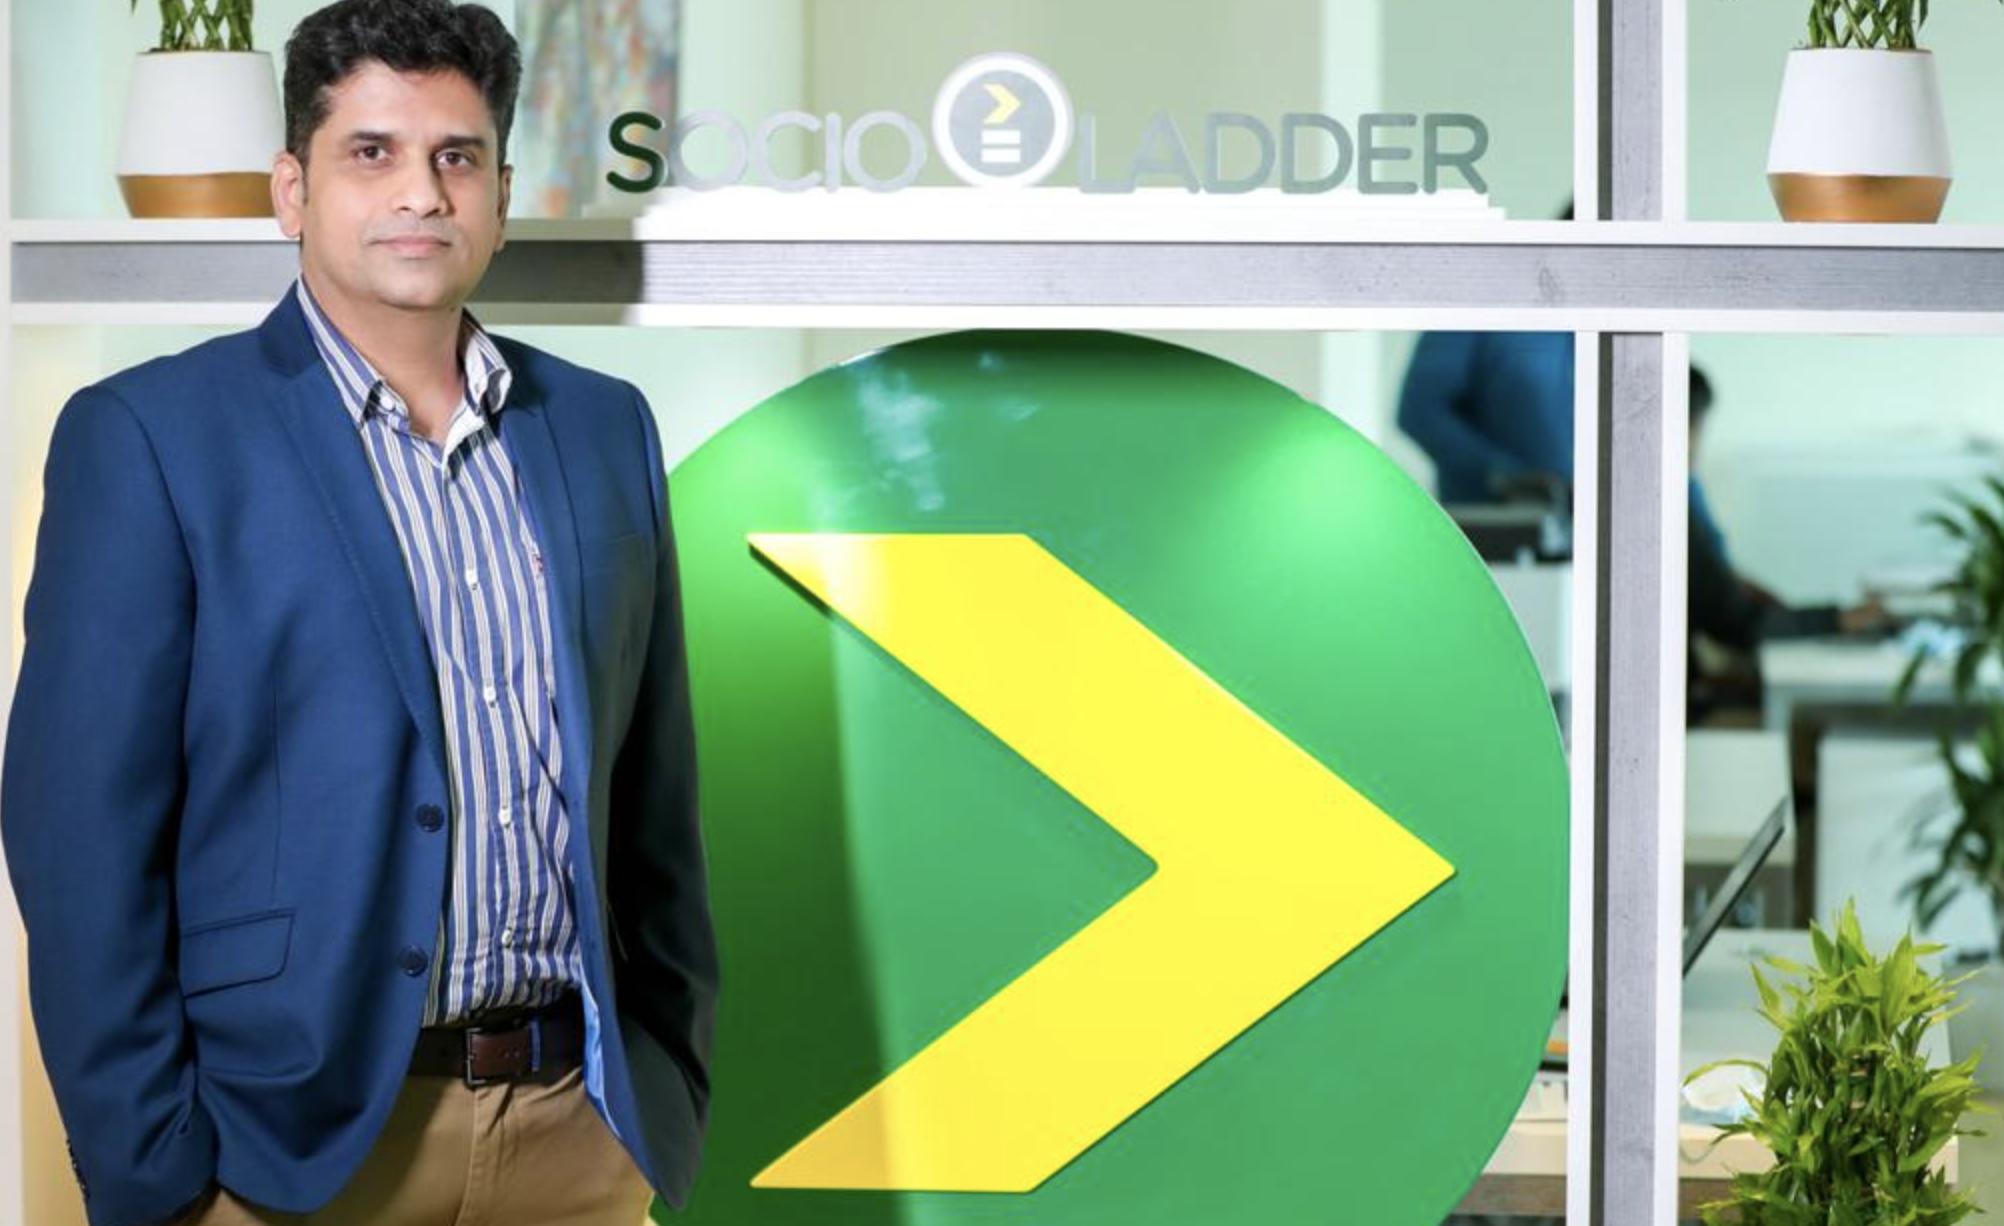 This Dubai startup aids charity through their new app